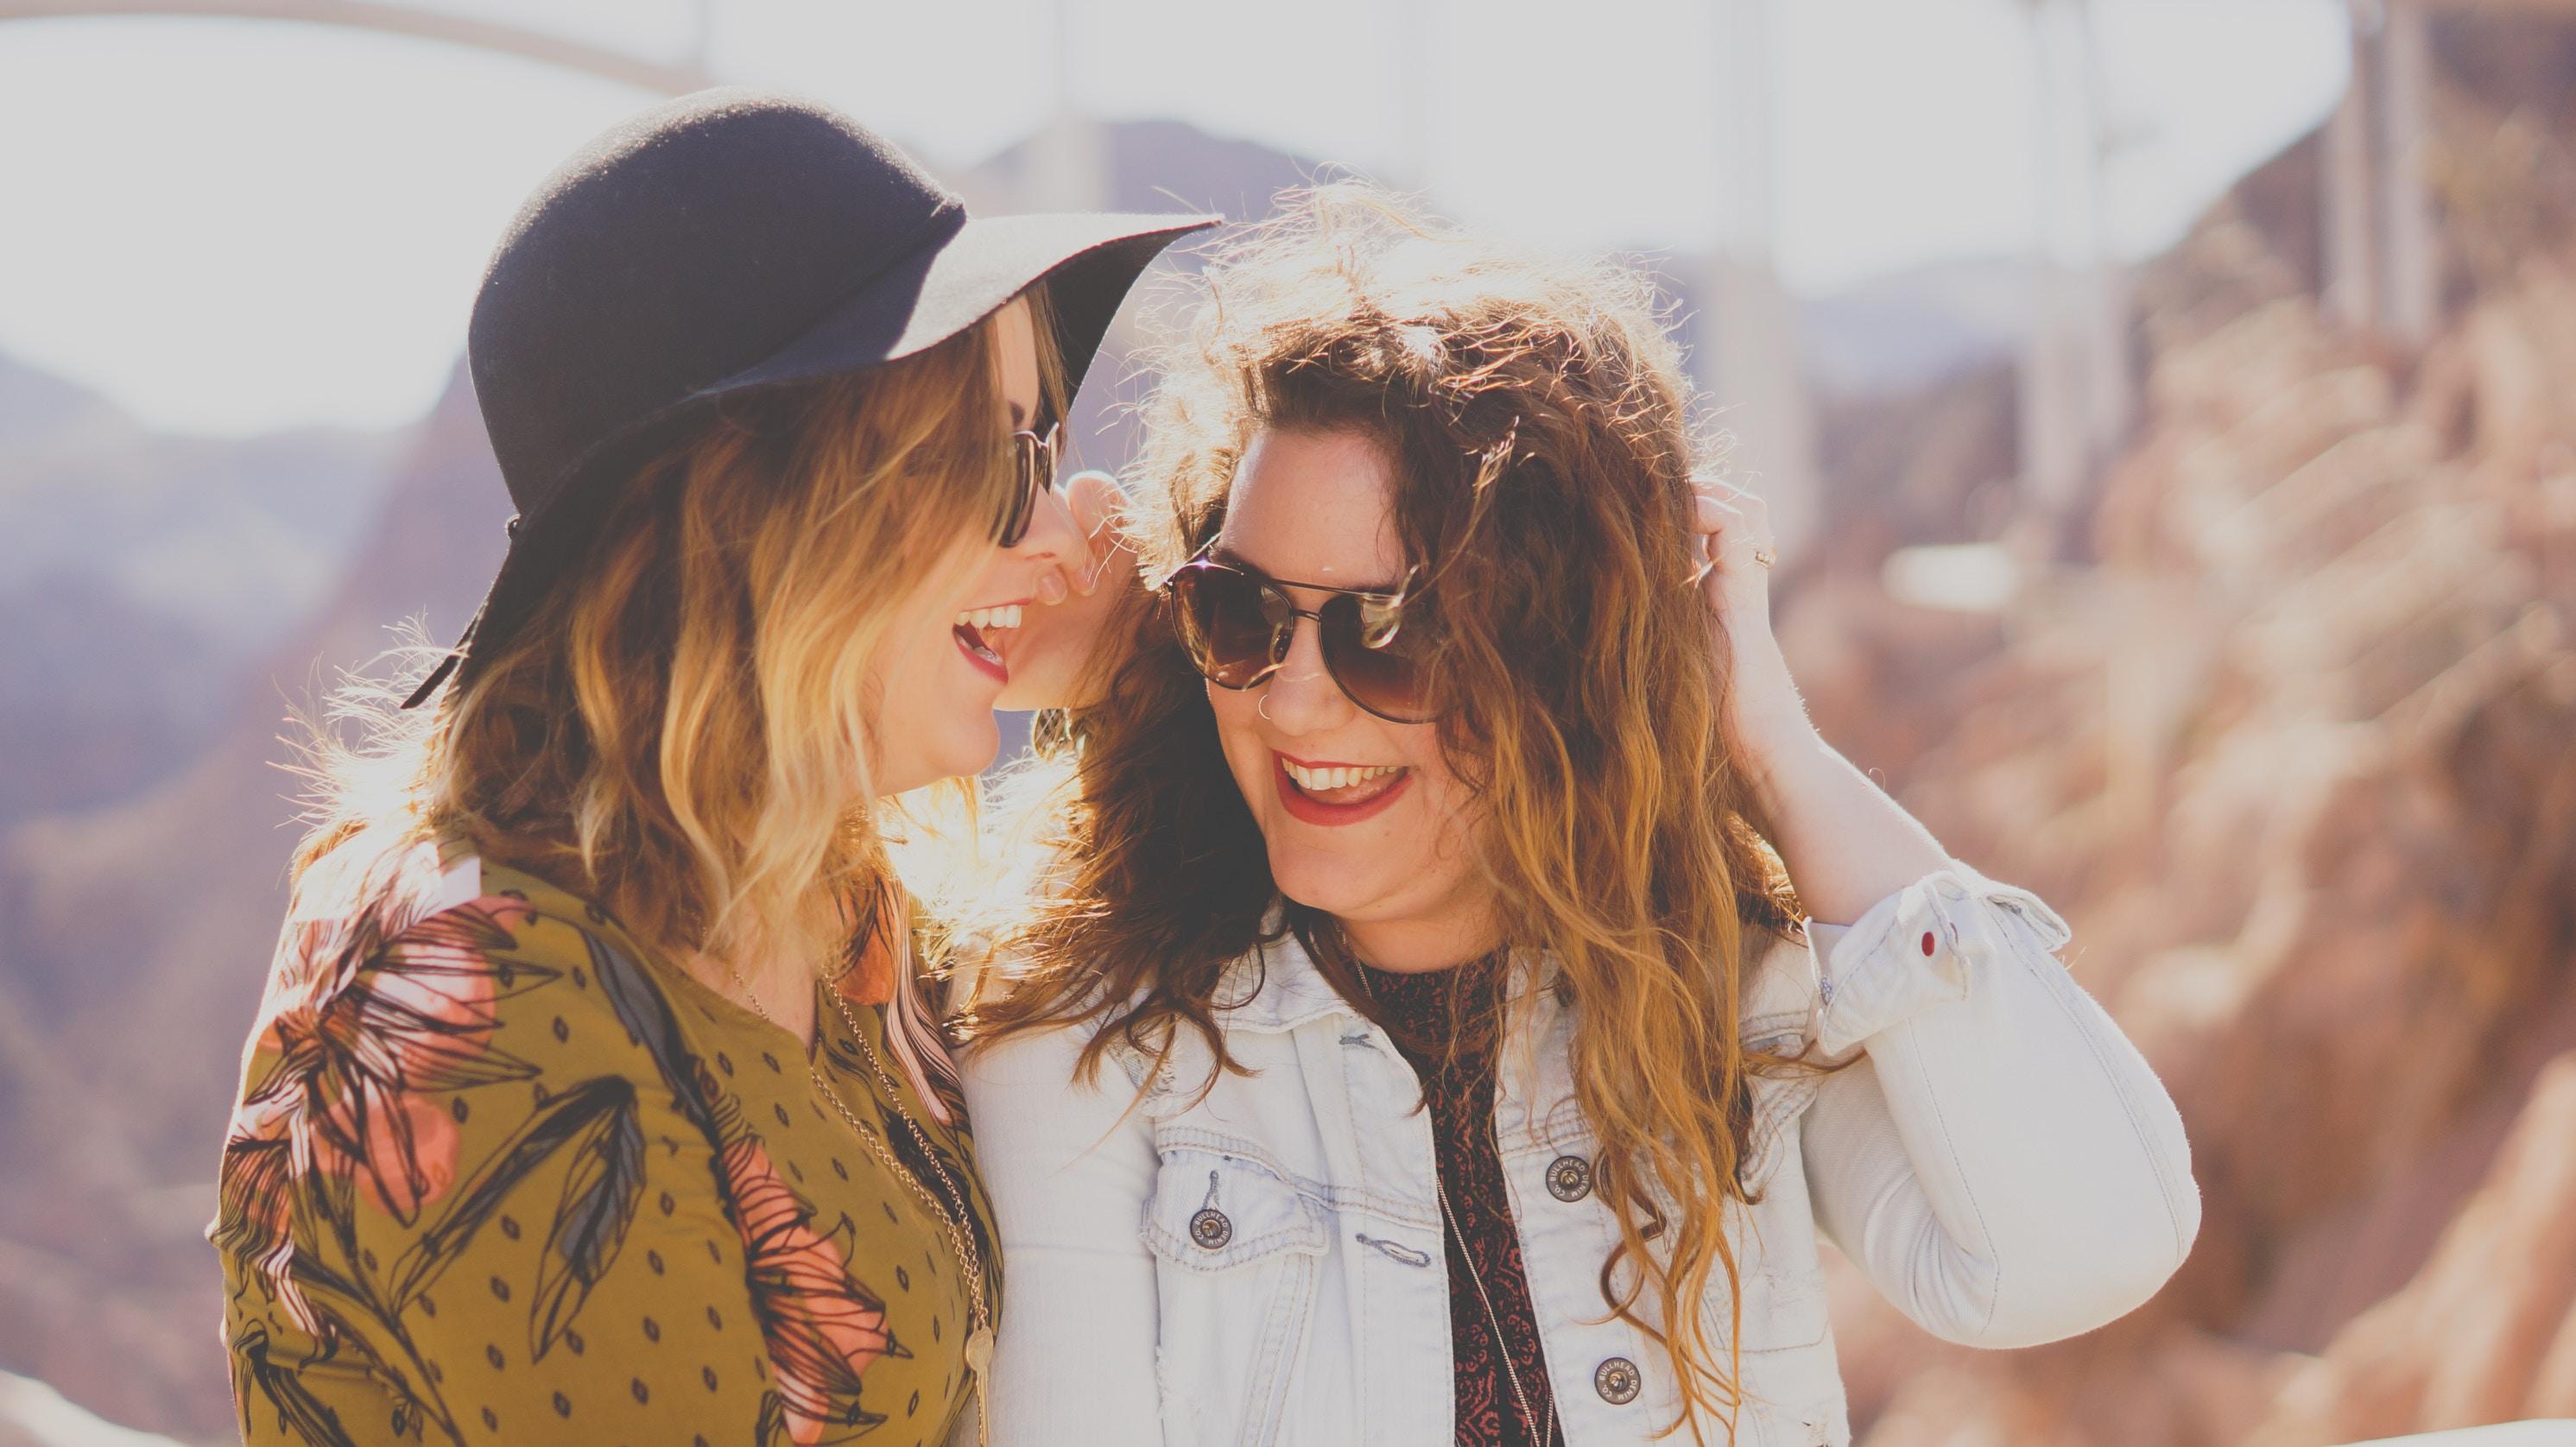 soeurs, amour, amitié